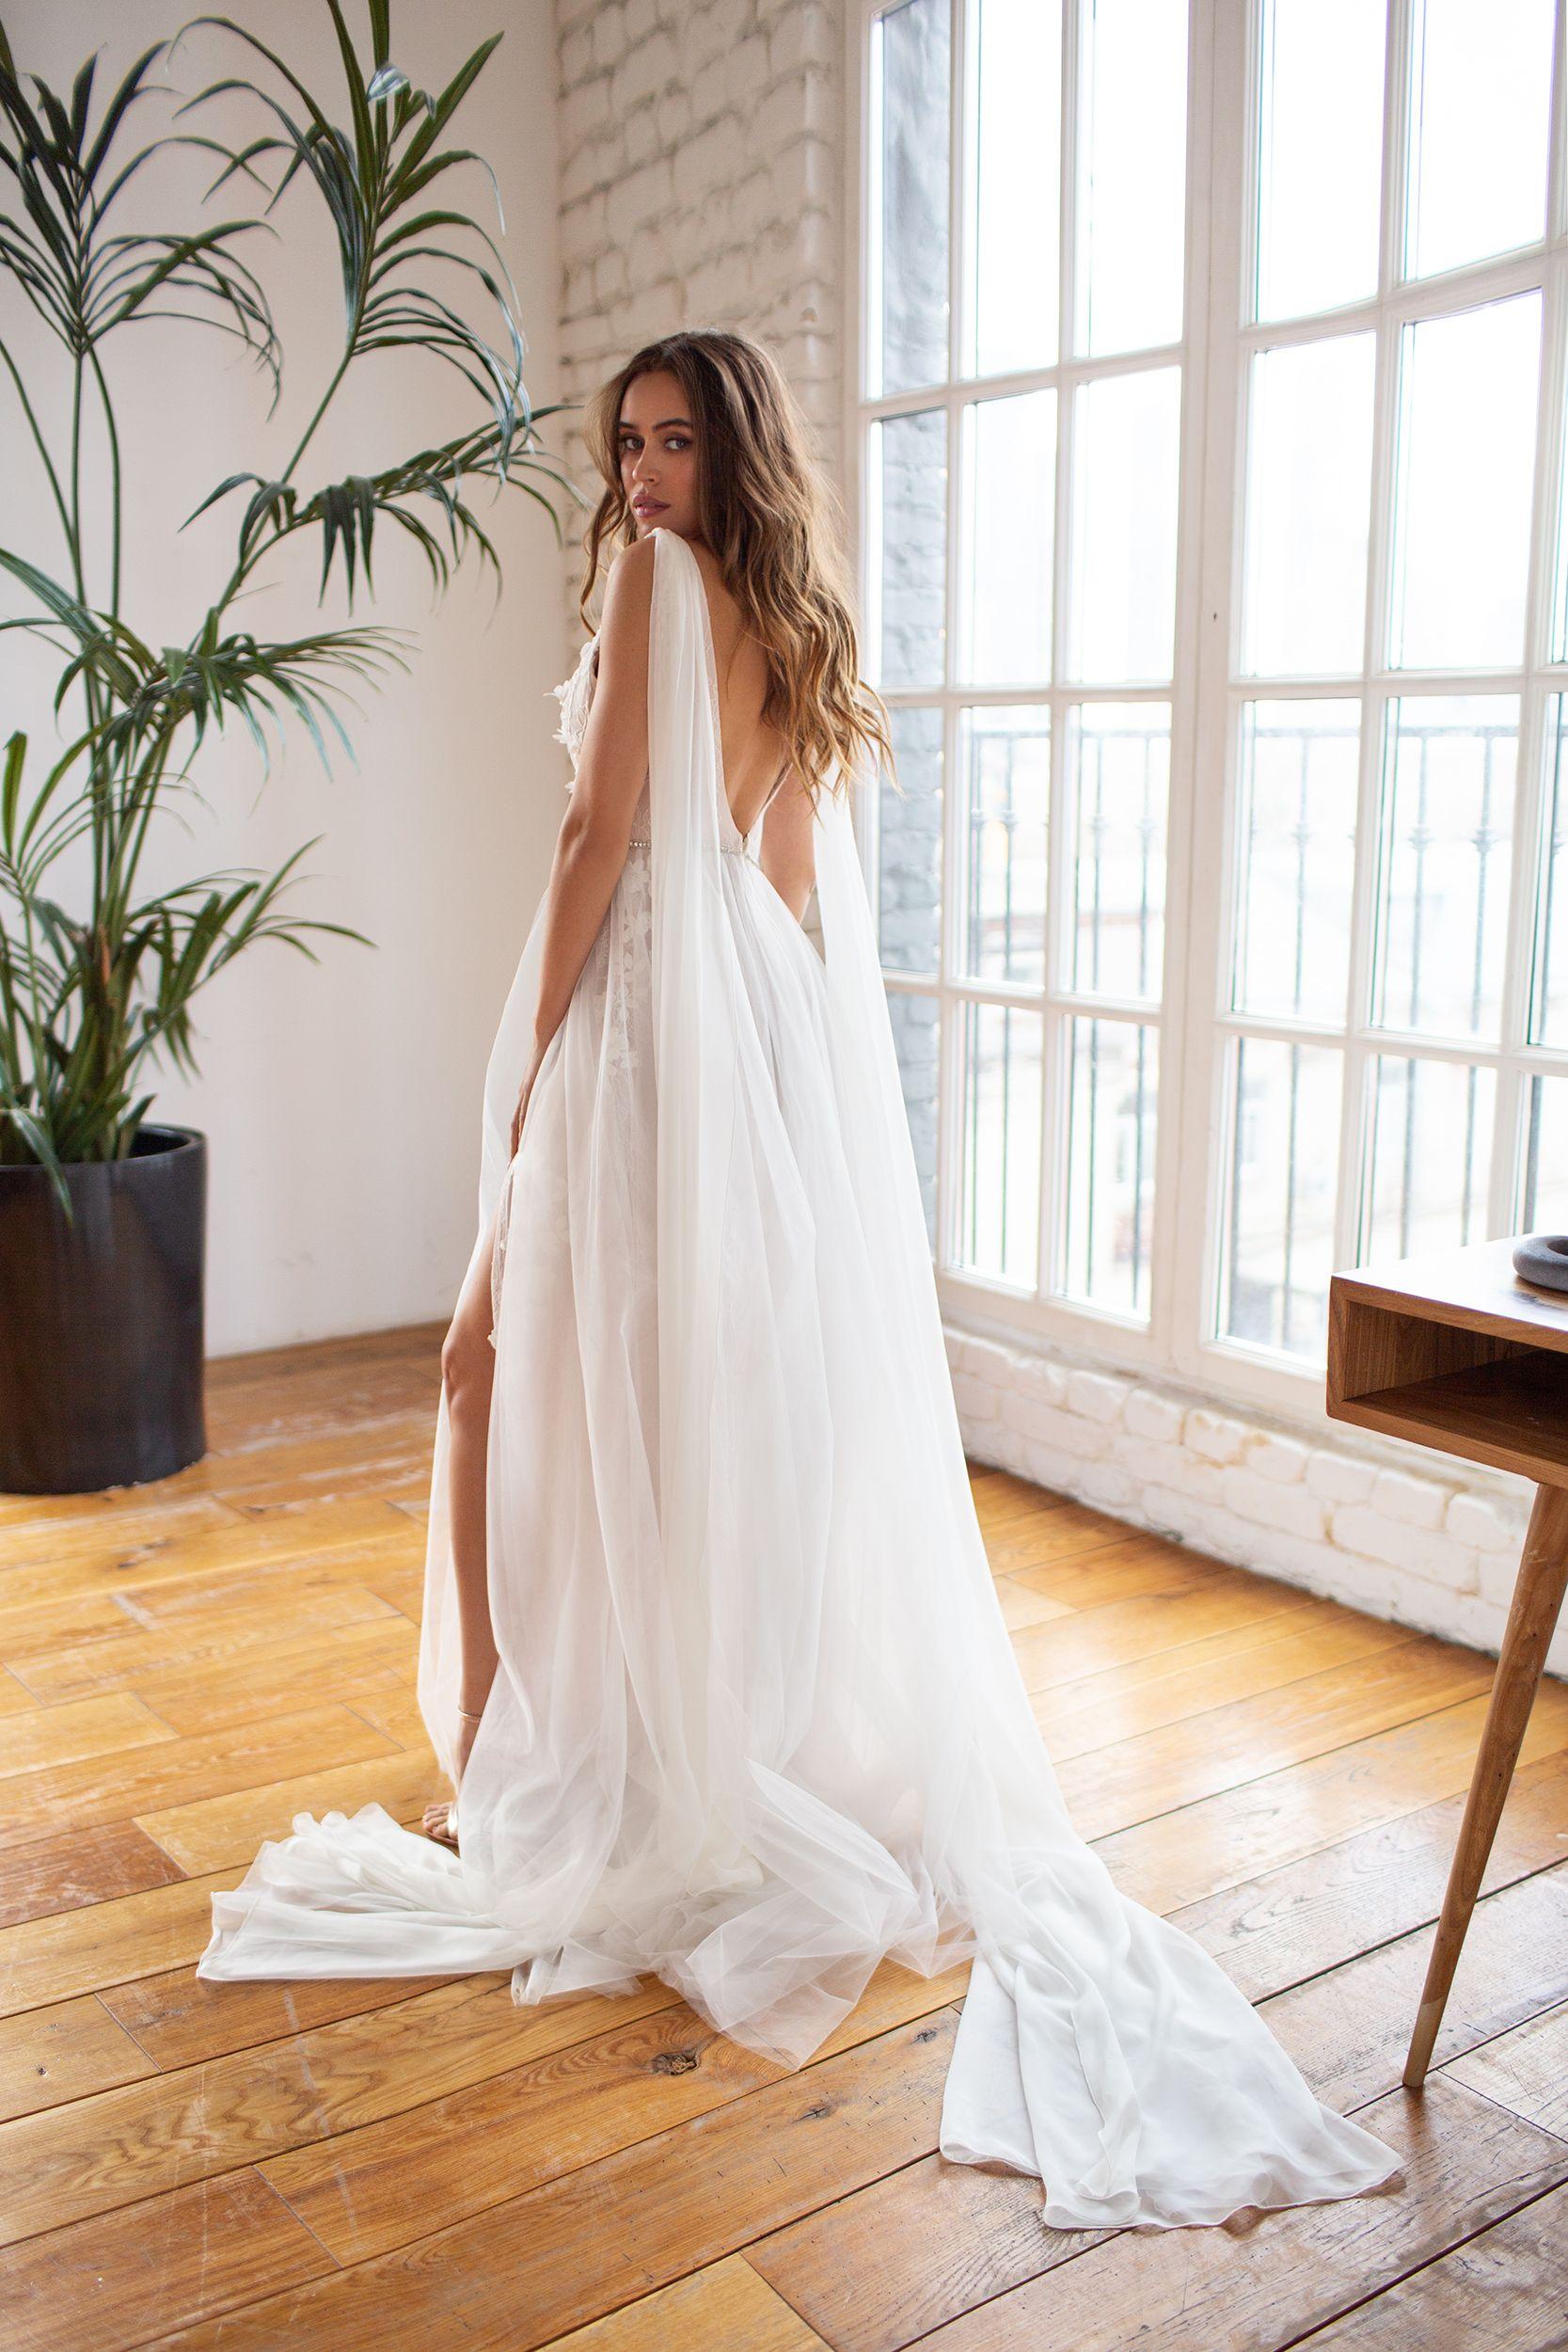 Pin On Dream Dress [ 2500 x 1667 Pixel ]